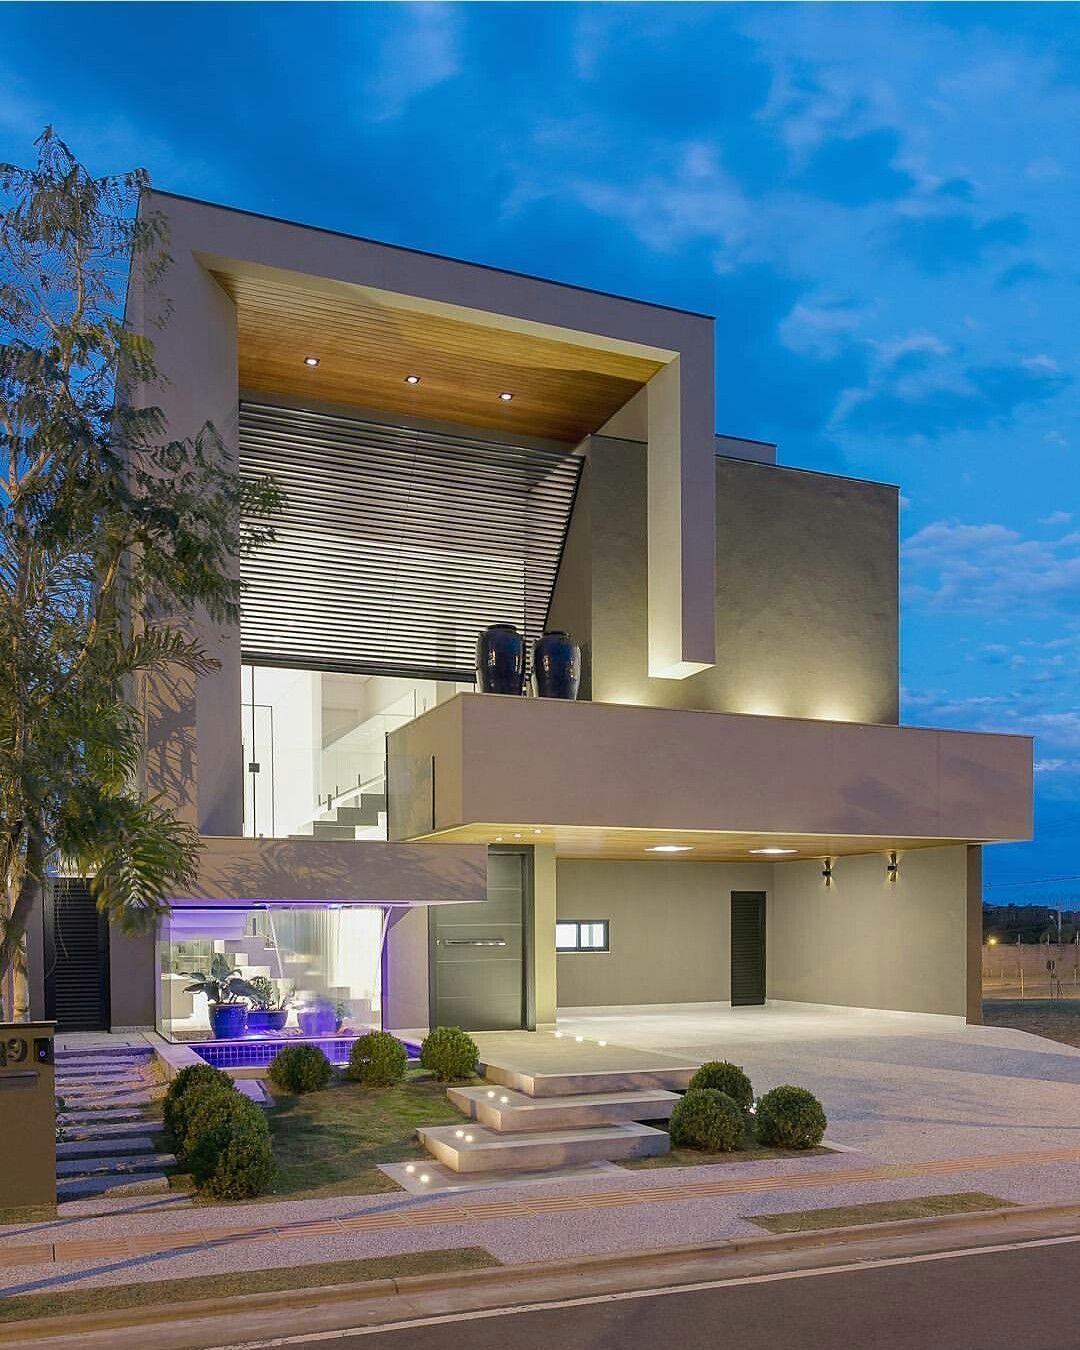 Pin de emmanuelle rea en home 3 casas modernas for 30 fachadas de casas modernas dos sonhos